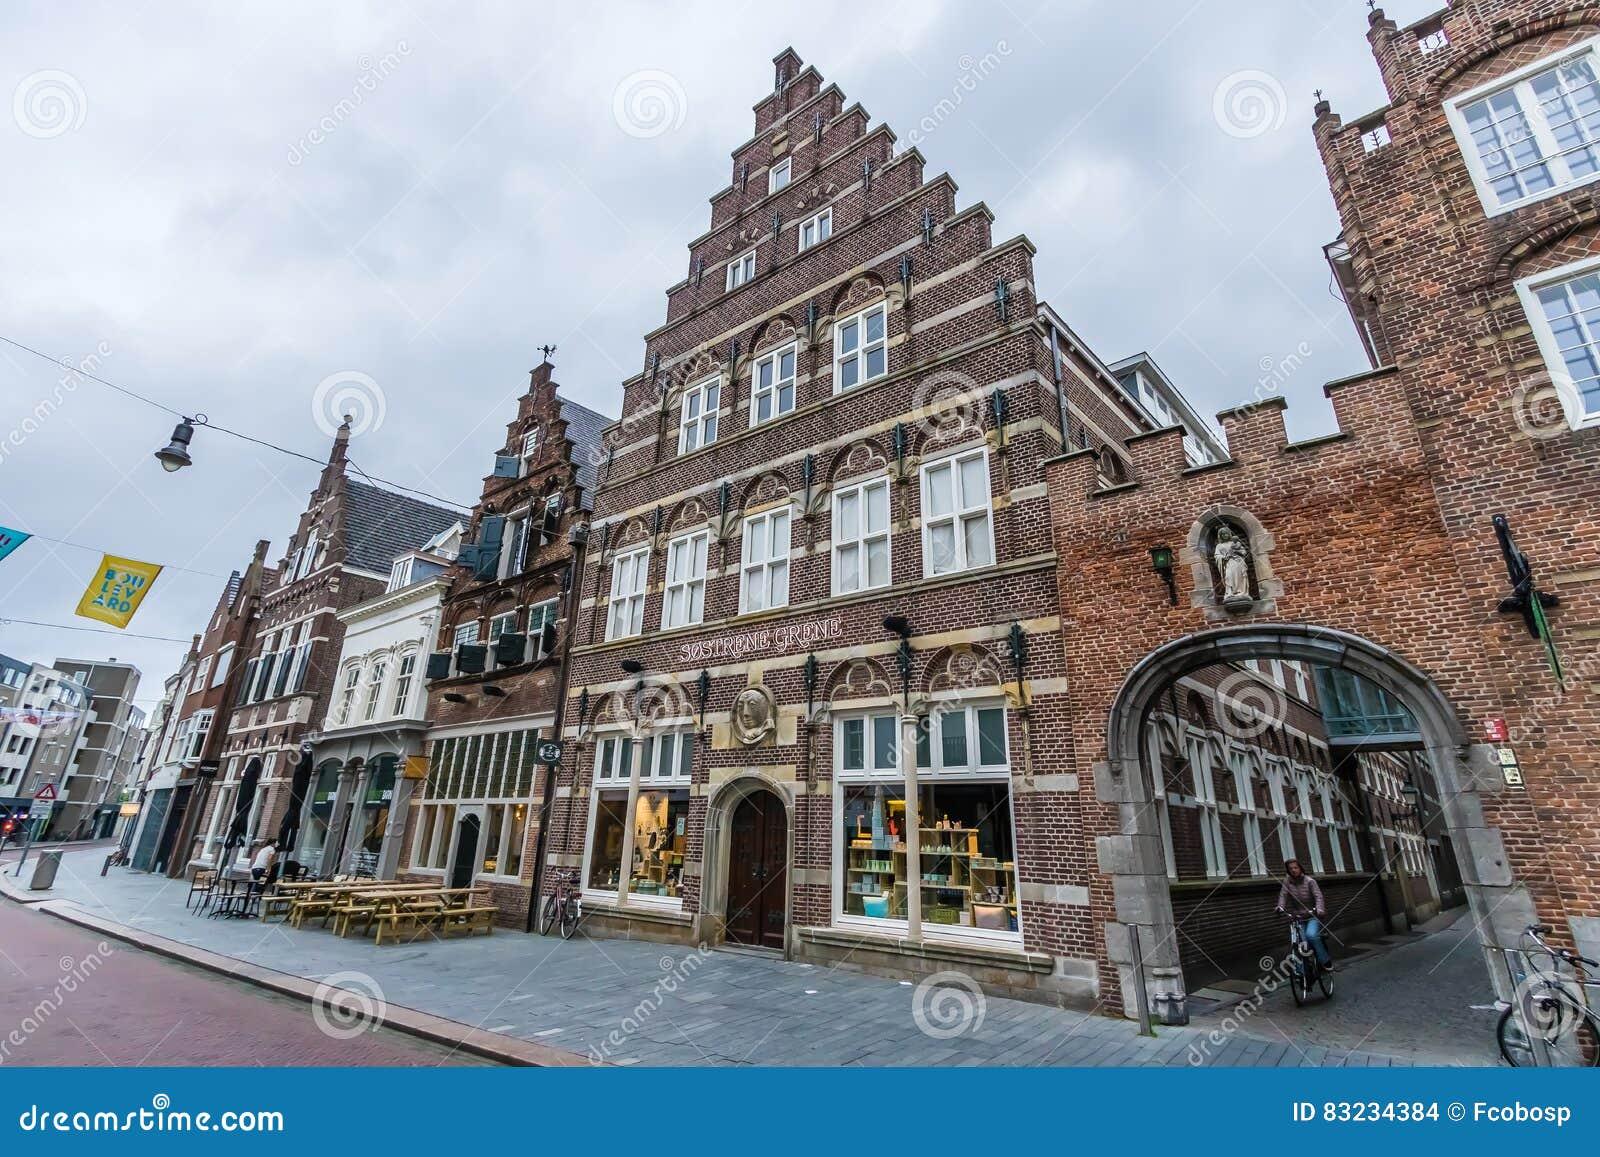 Den Bosch, Nederland stock foto. Afbeelding bestaande uit